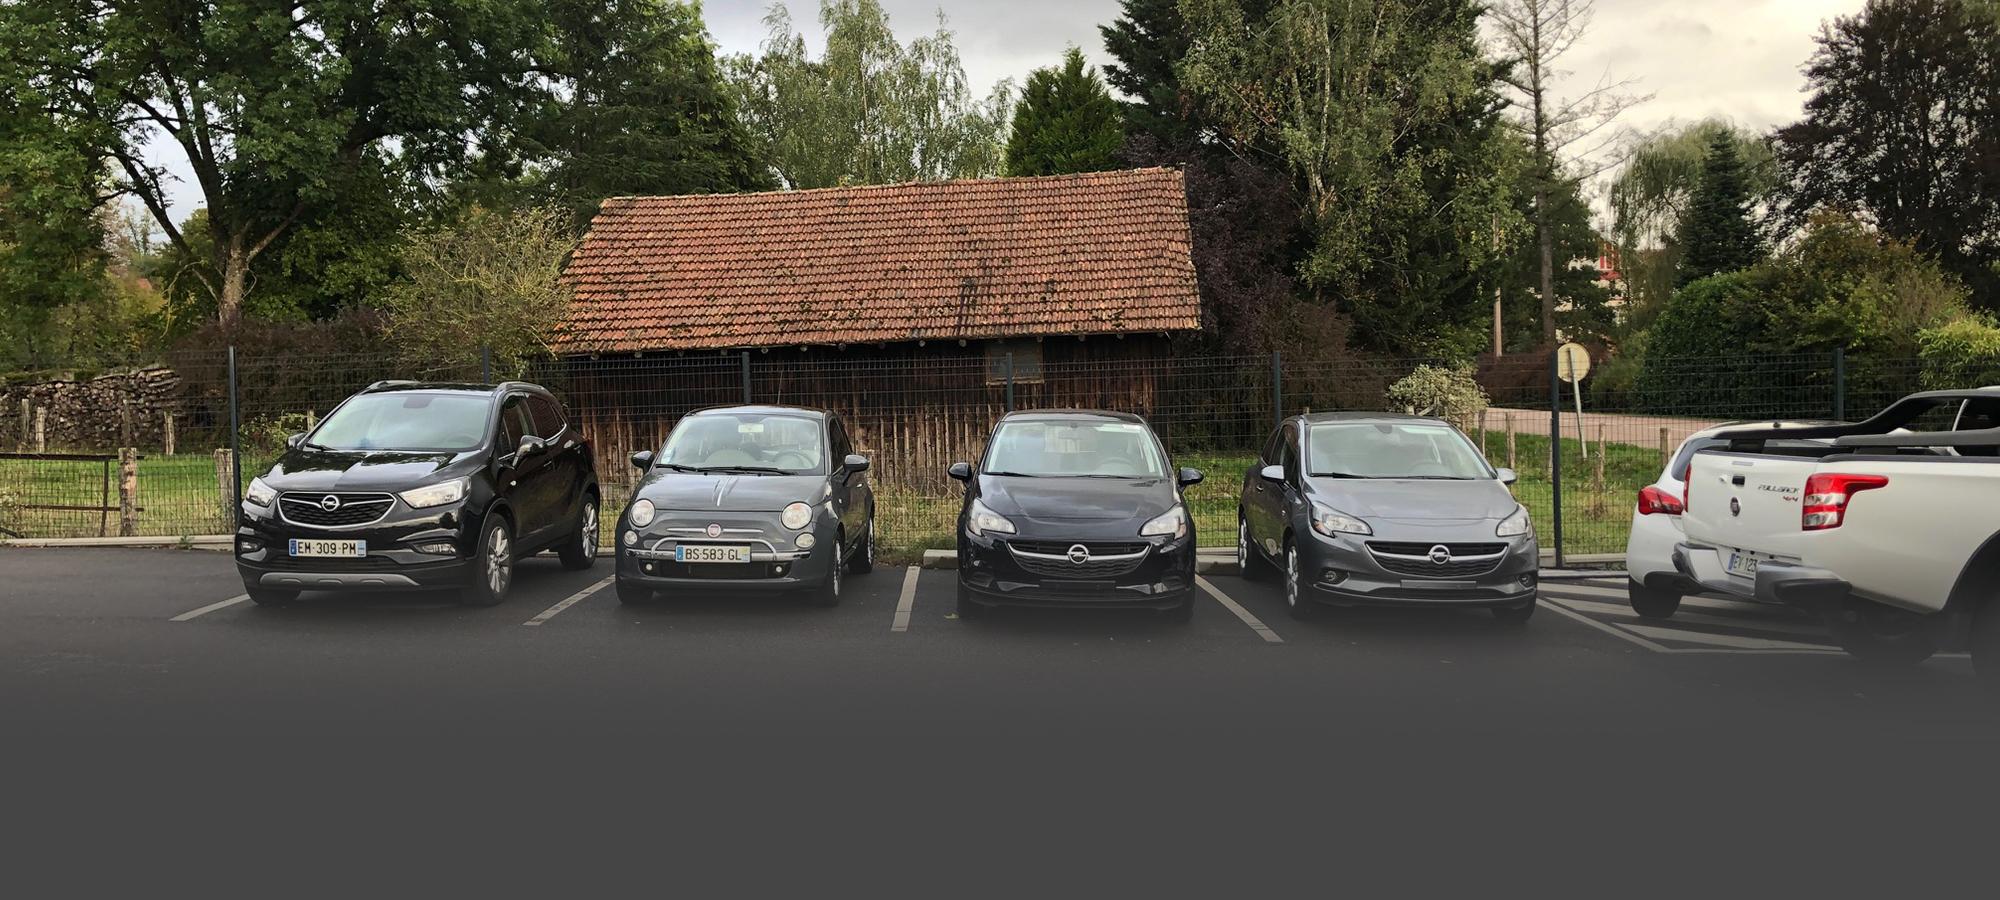 Garage hot crouvisier r paration de voitures dans les for Garage vosges occasion